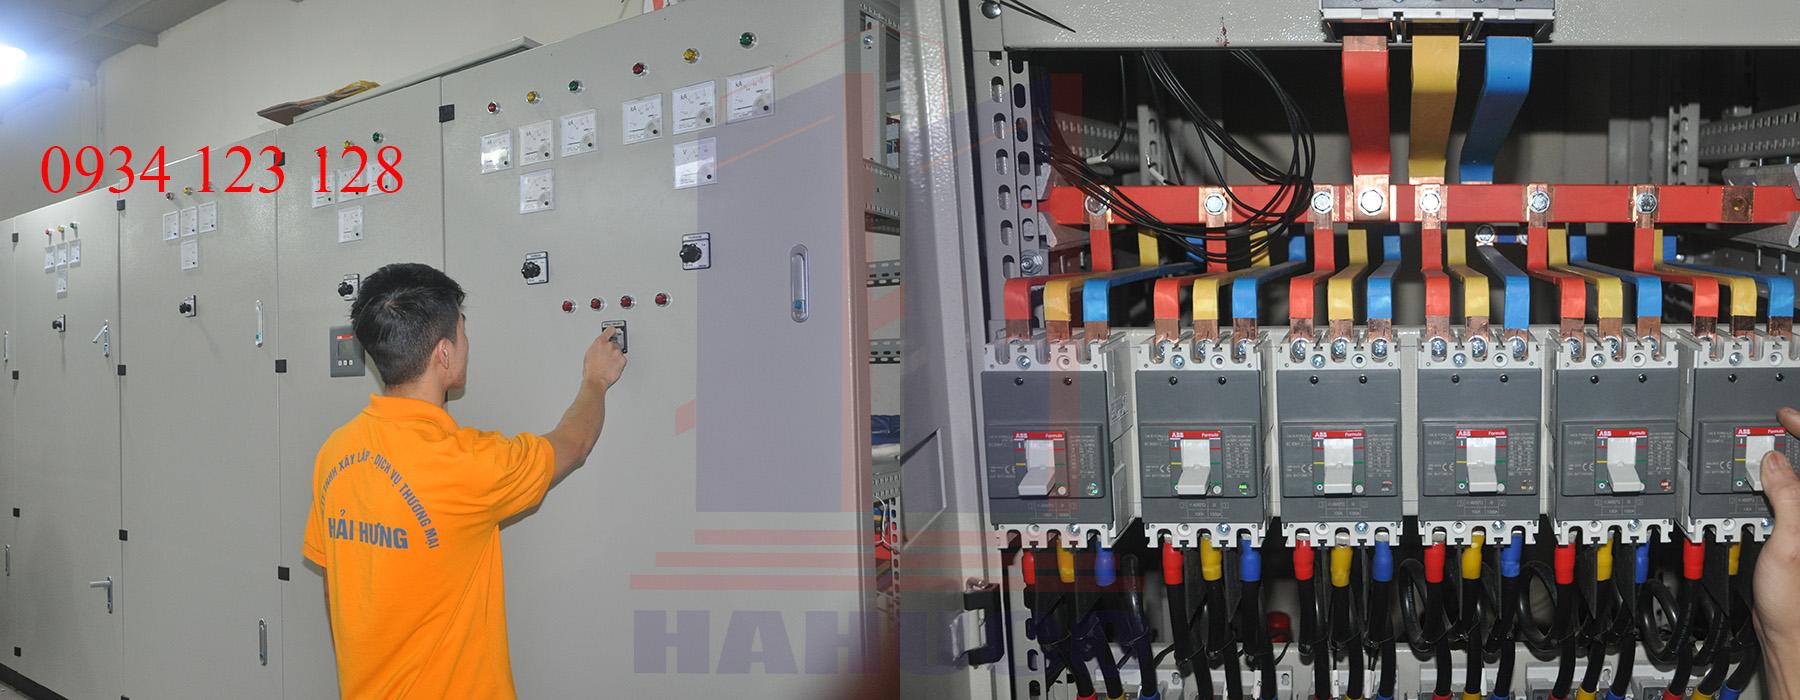 Tủ điện trong nhà